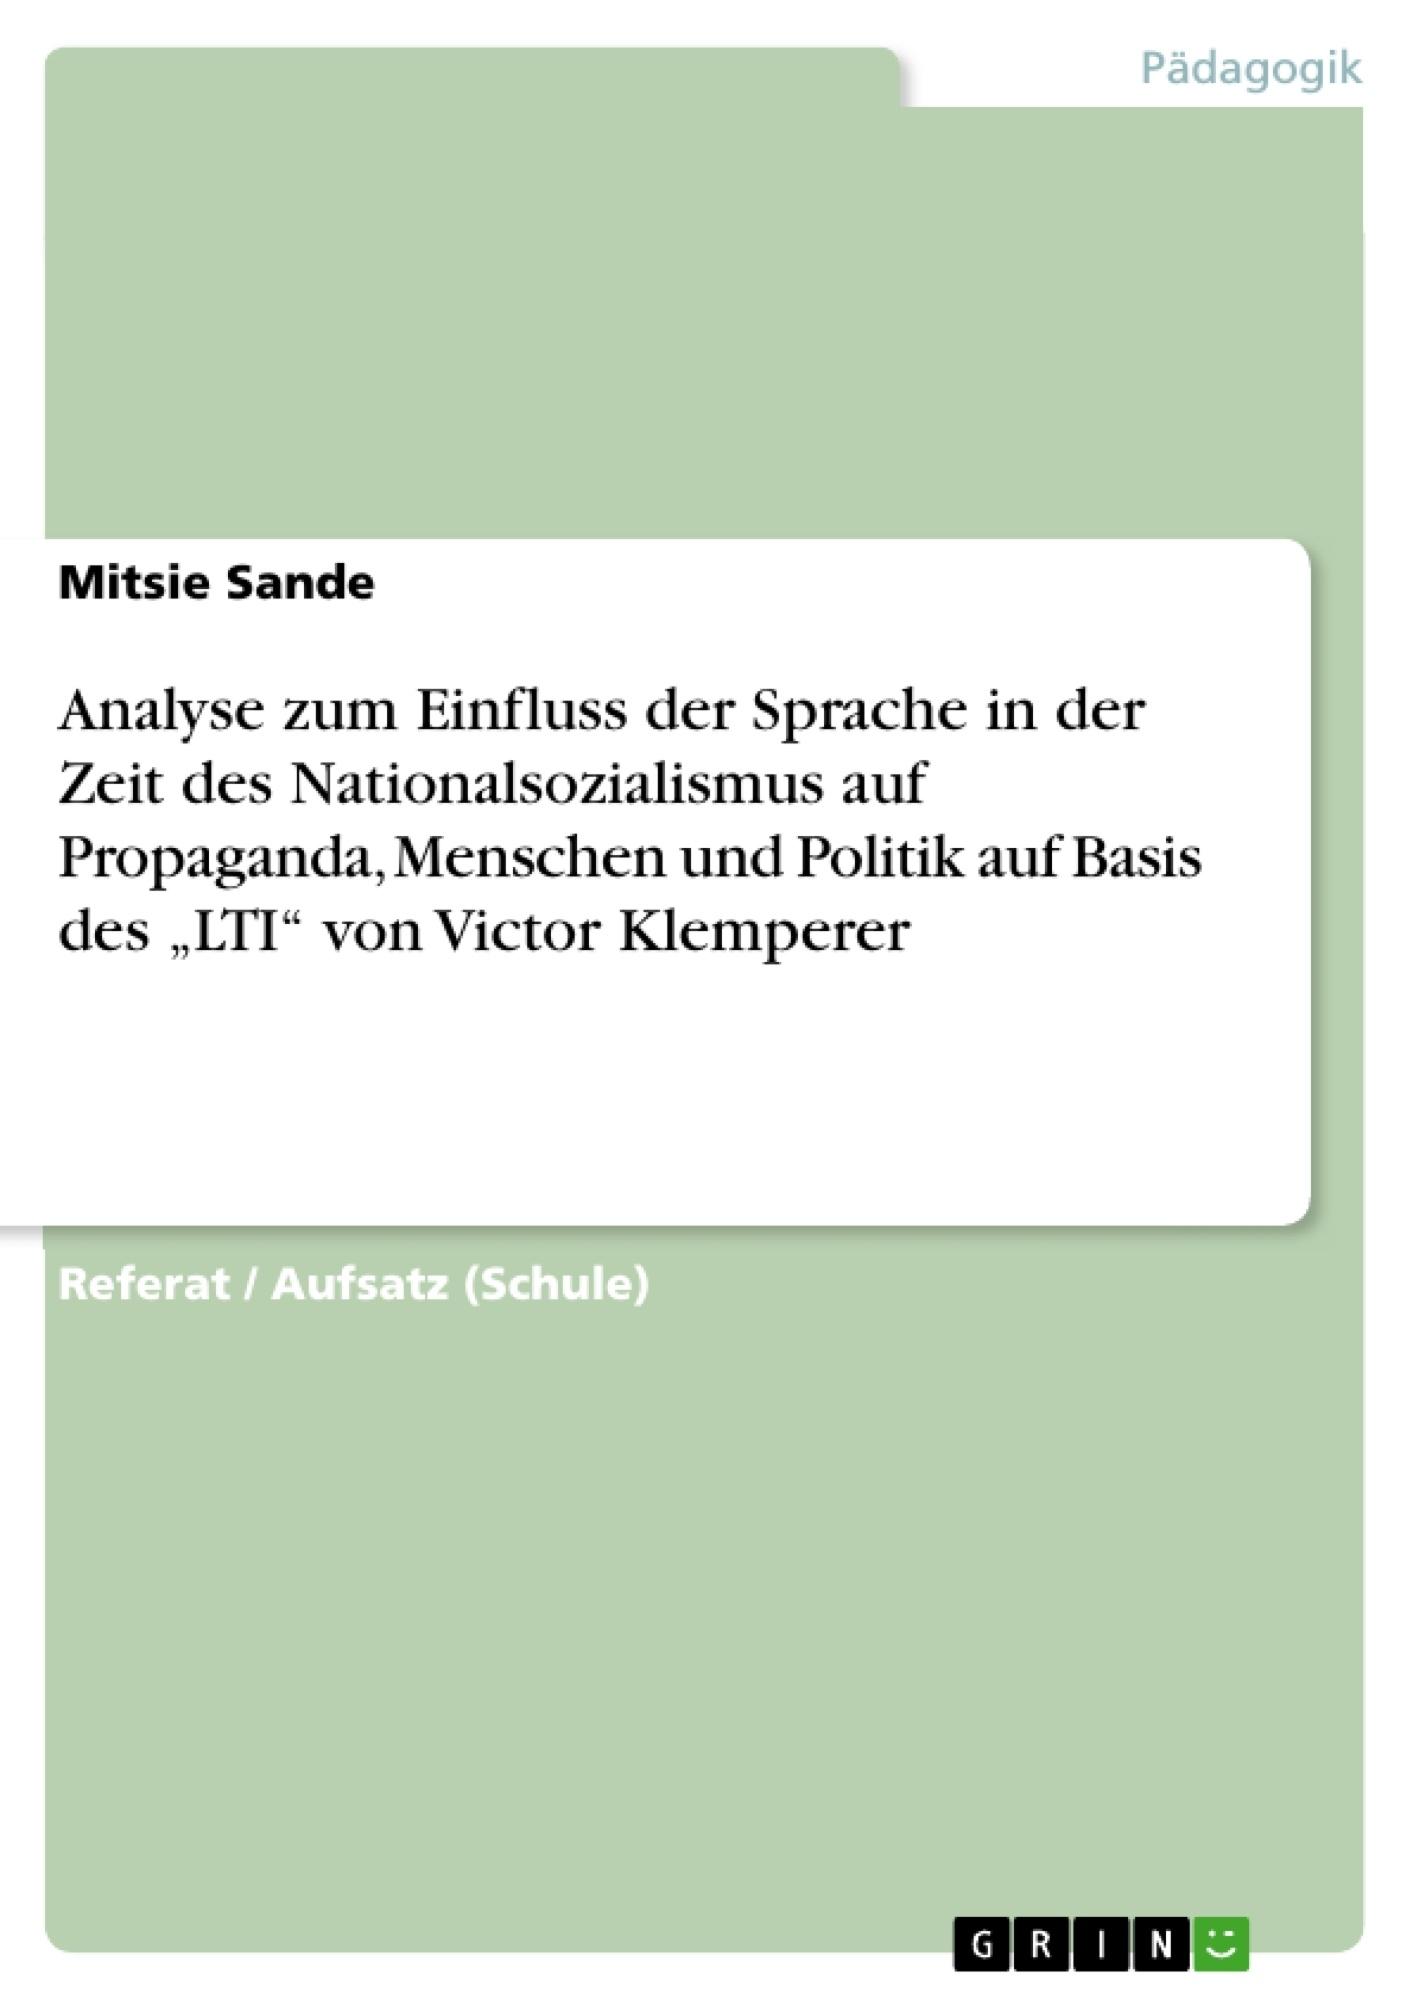 """Titel: Analyse zum Einfluss der Sprache in der Zeit des Nationalsozialismus auf Propaganda, Menschen und Politik auf Basis des """"LTI"""" von Victor Klemperer"""